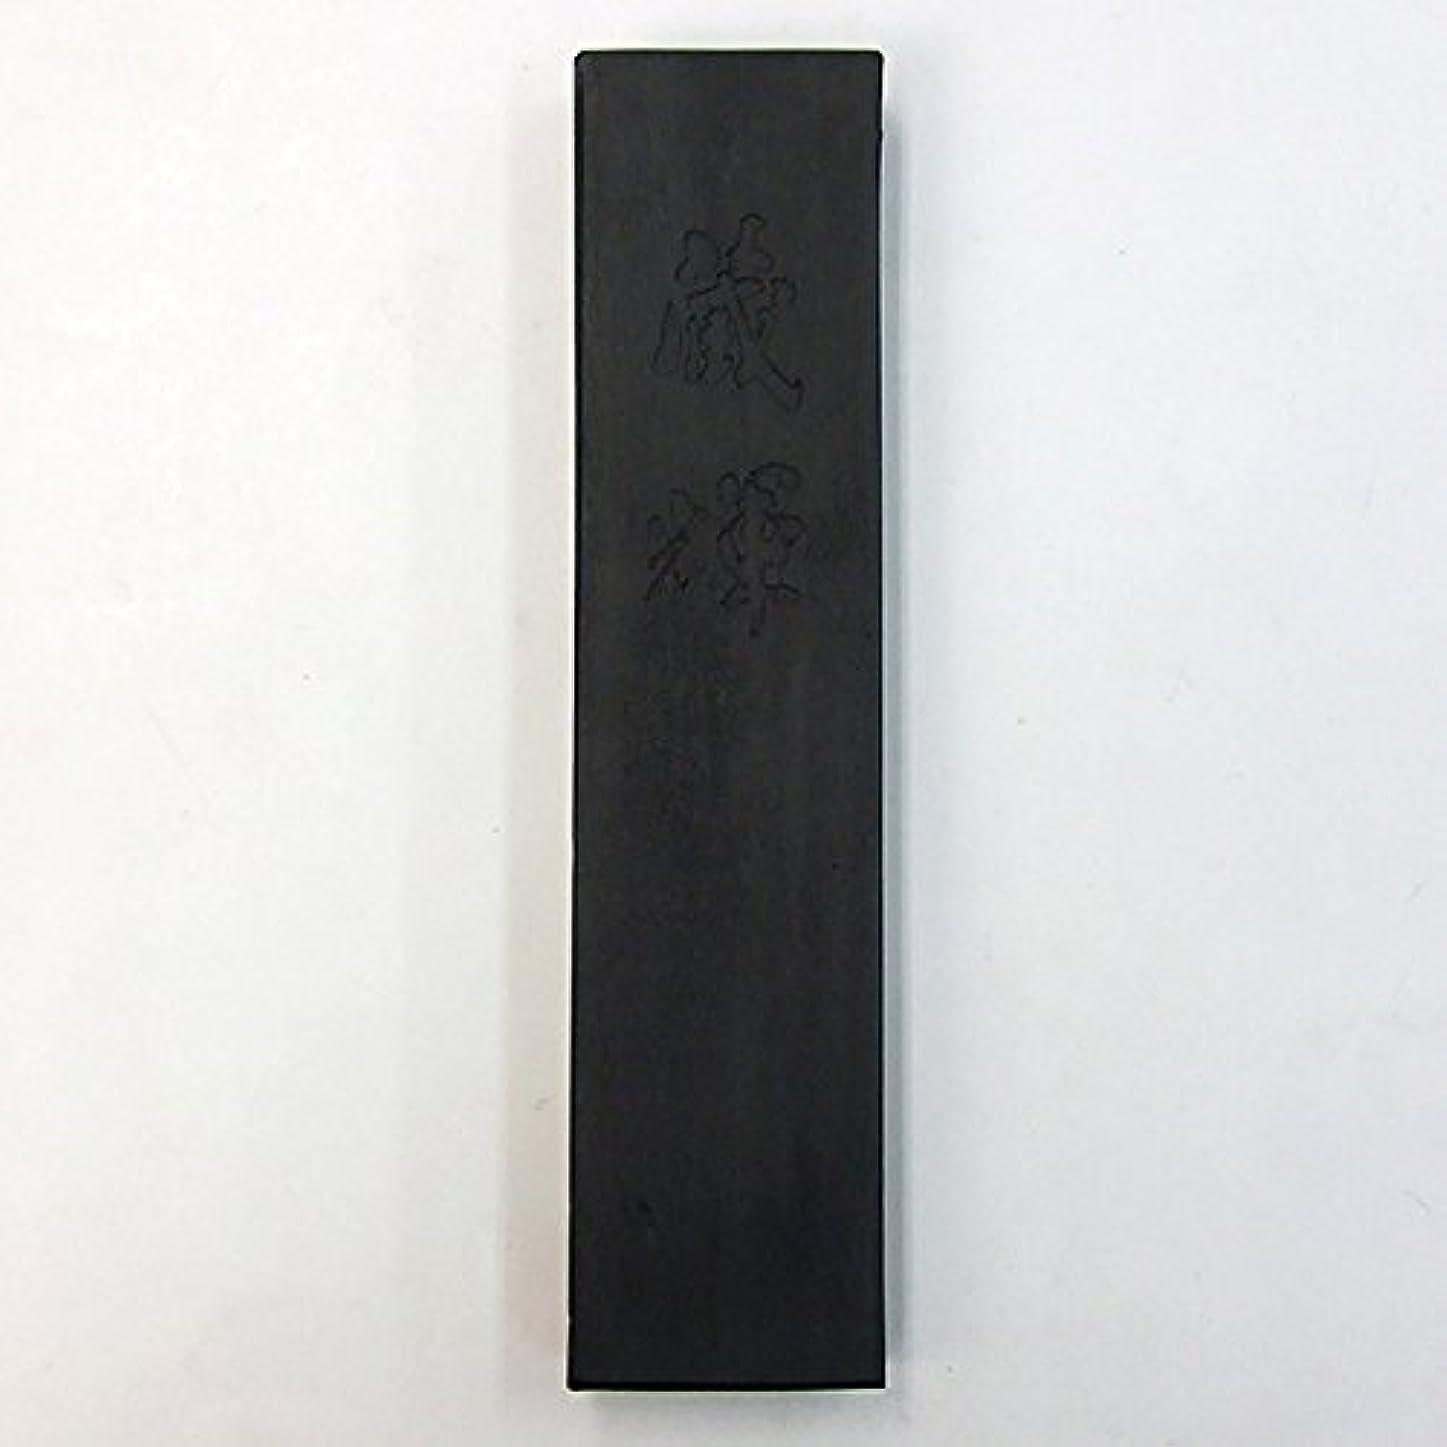 指紋幹アルコール【鈴鹿墨】 はだか墨 蔵輝 10丁型 条幅作品用 油煙墨